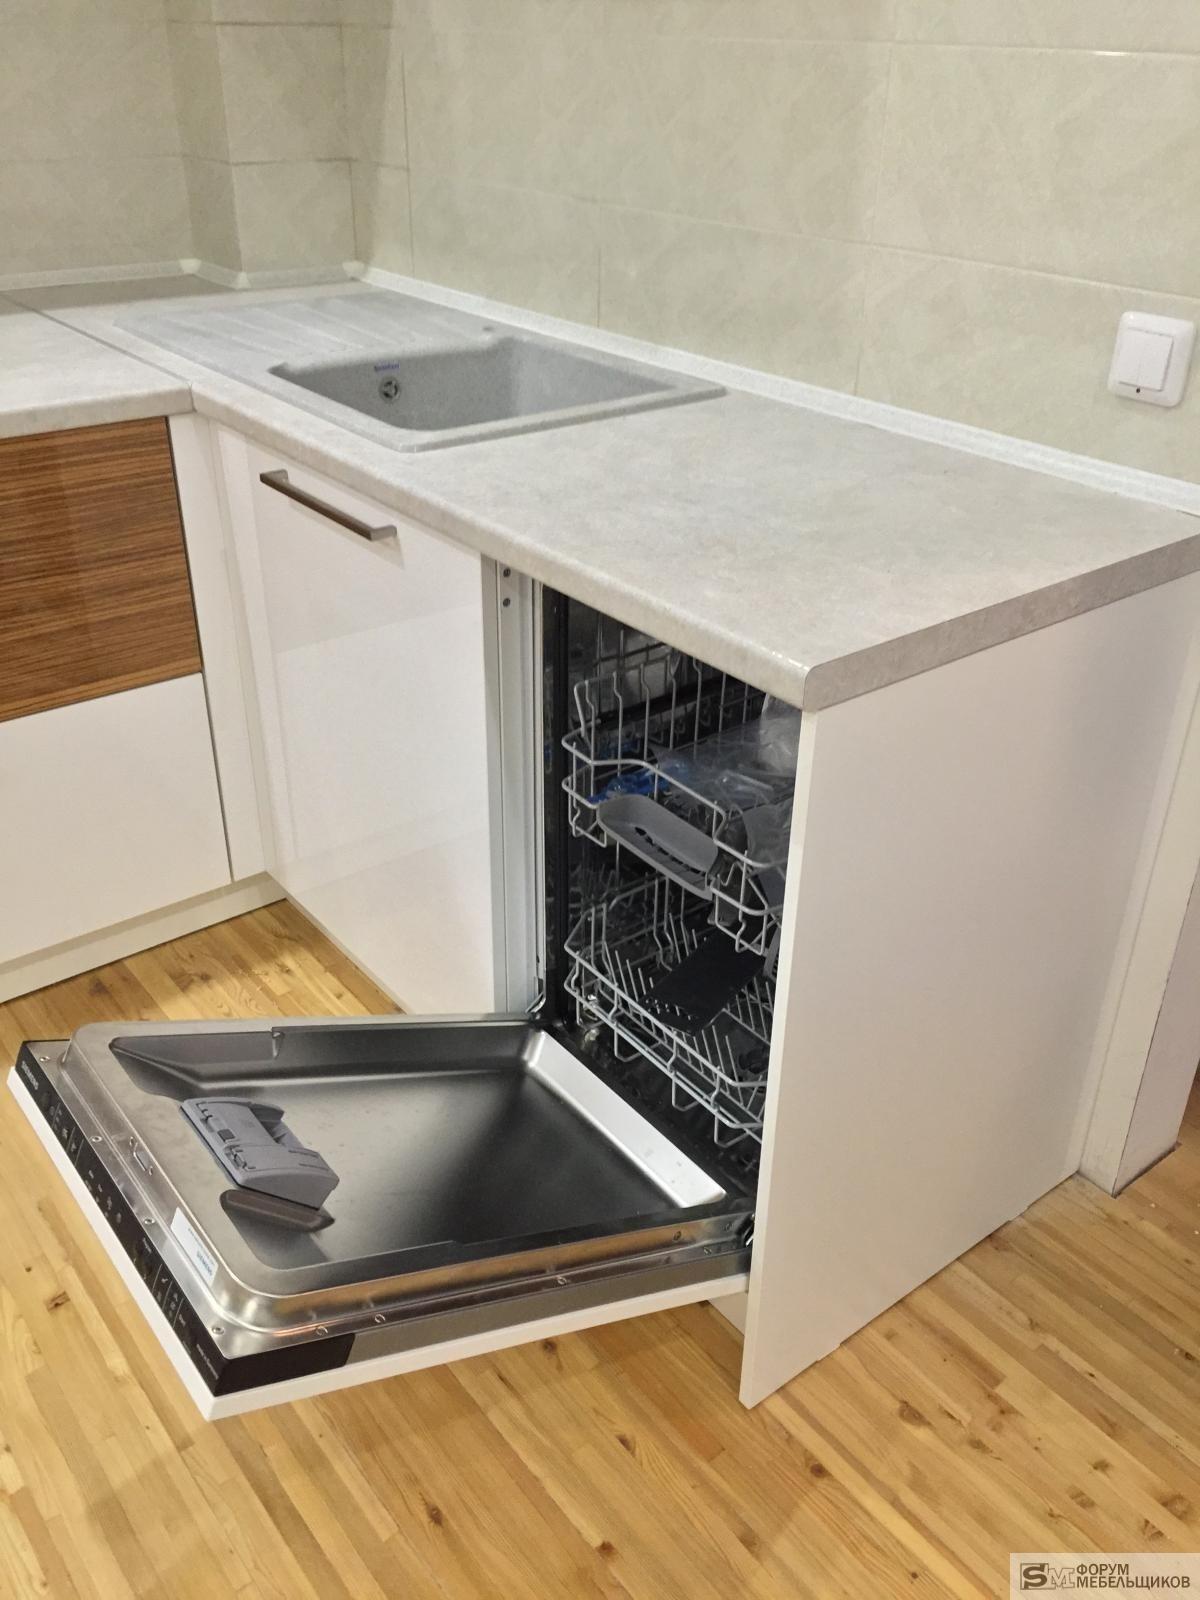 Как встроить посудомоечную машину в готовую кухню: правила установки и крепления